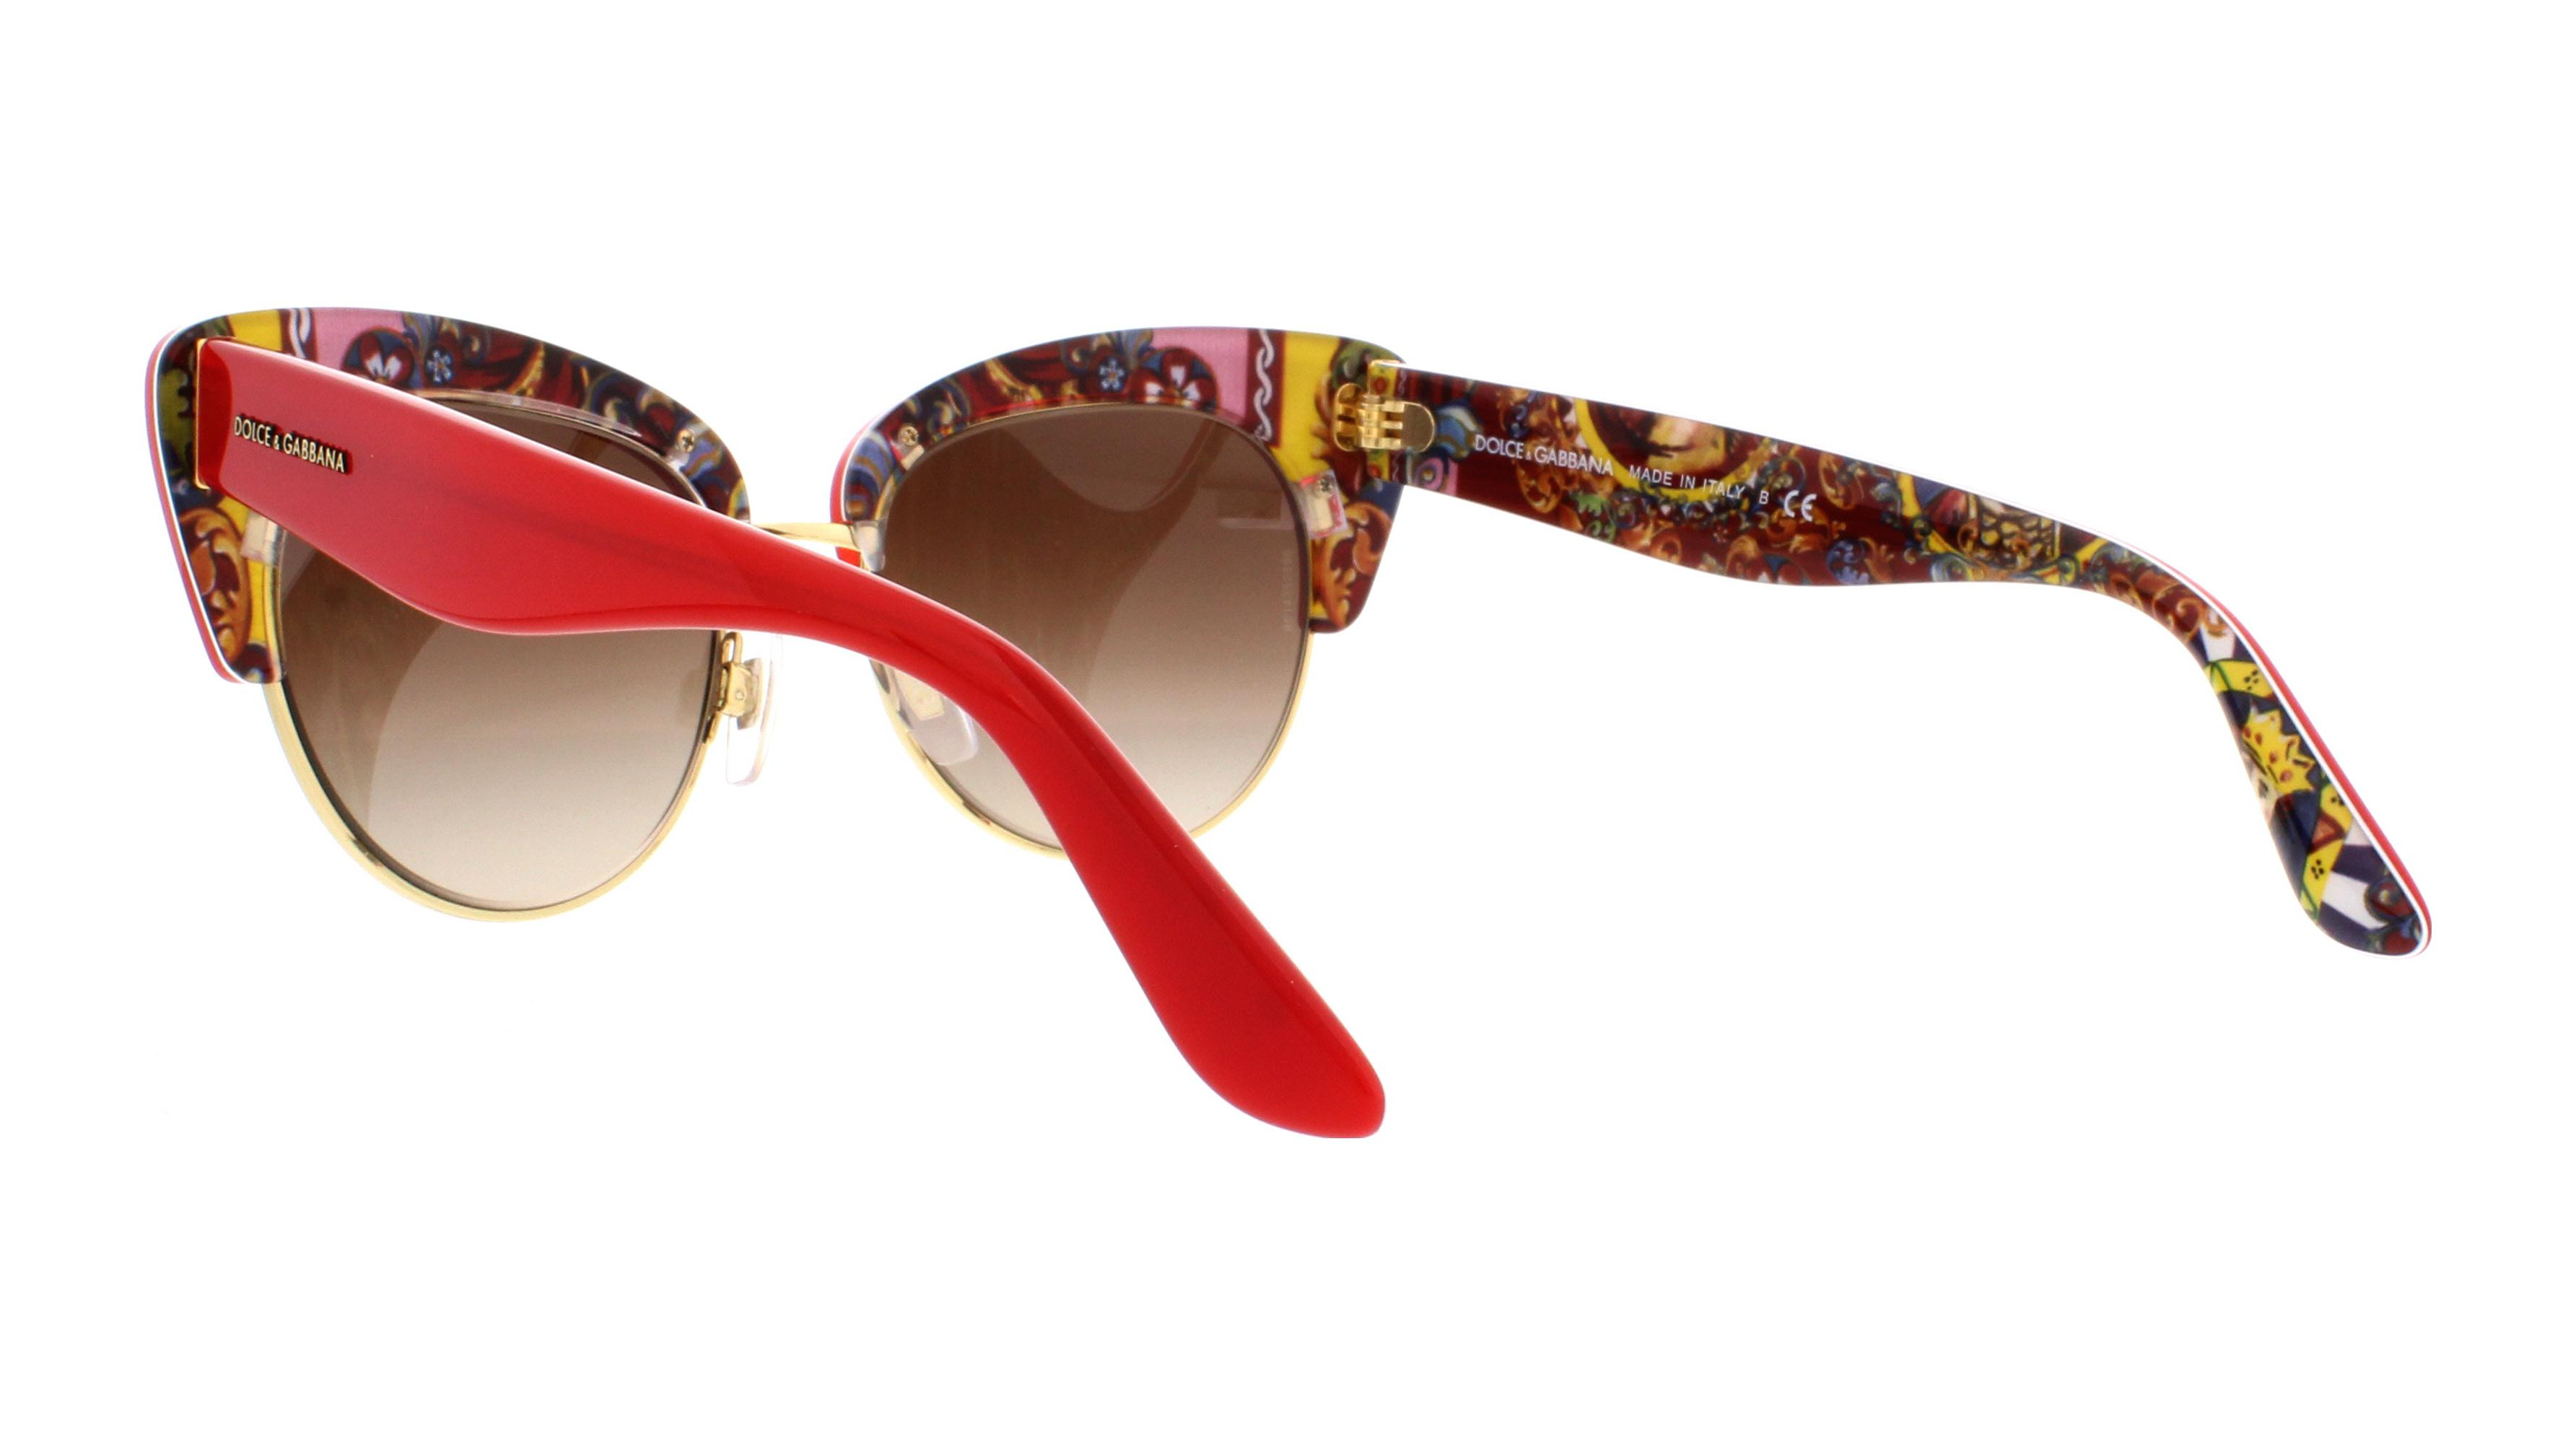 d7163a5fc8b DOLCE   GABBANA - DOLCE   GABBANA Sunglasses DG4277 303413 Top Red   Handcart 52MM - Walmart.com